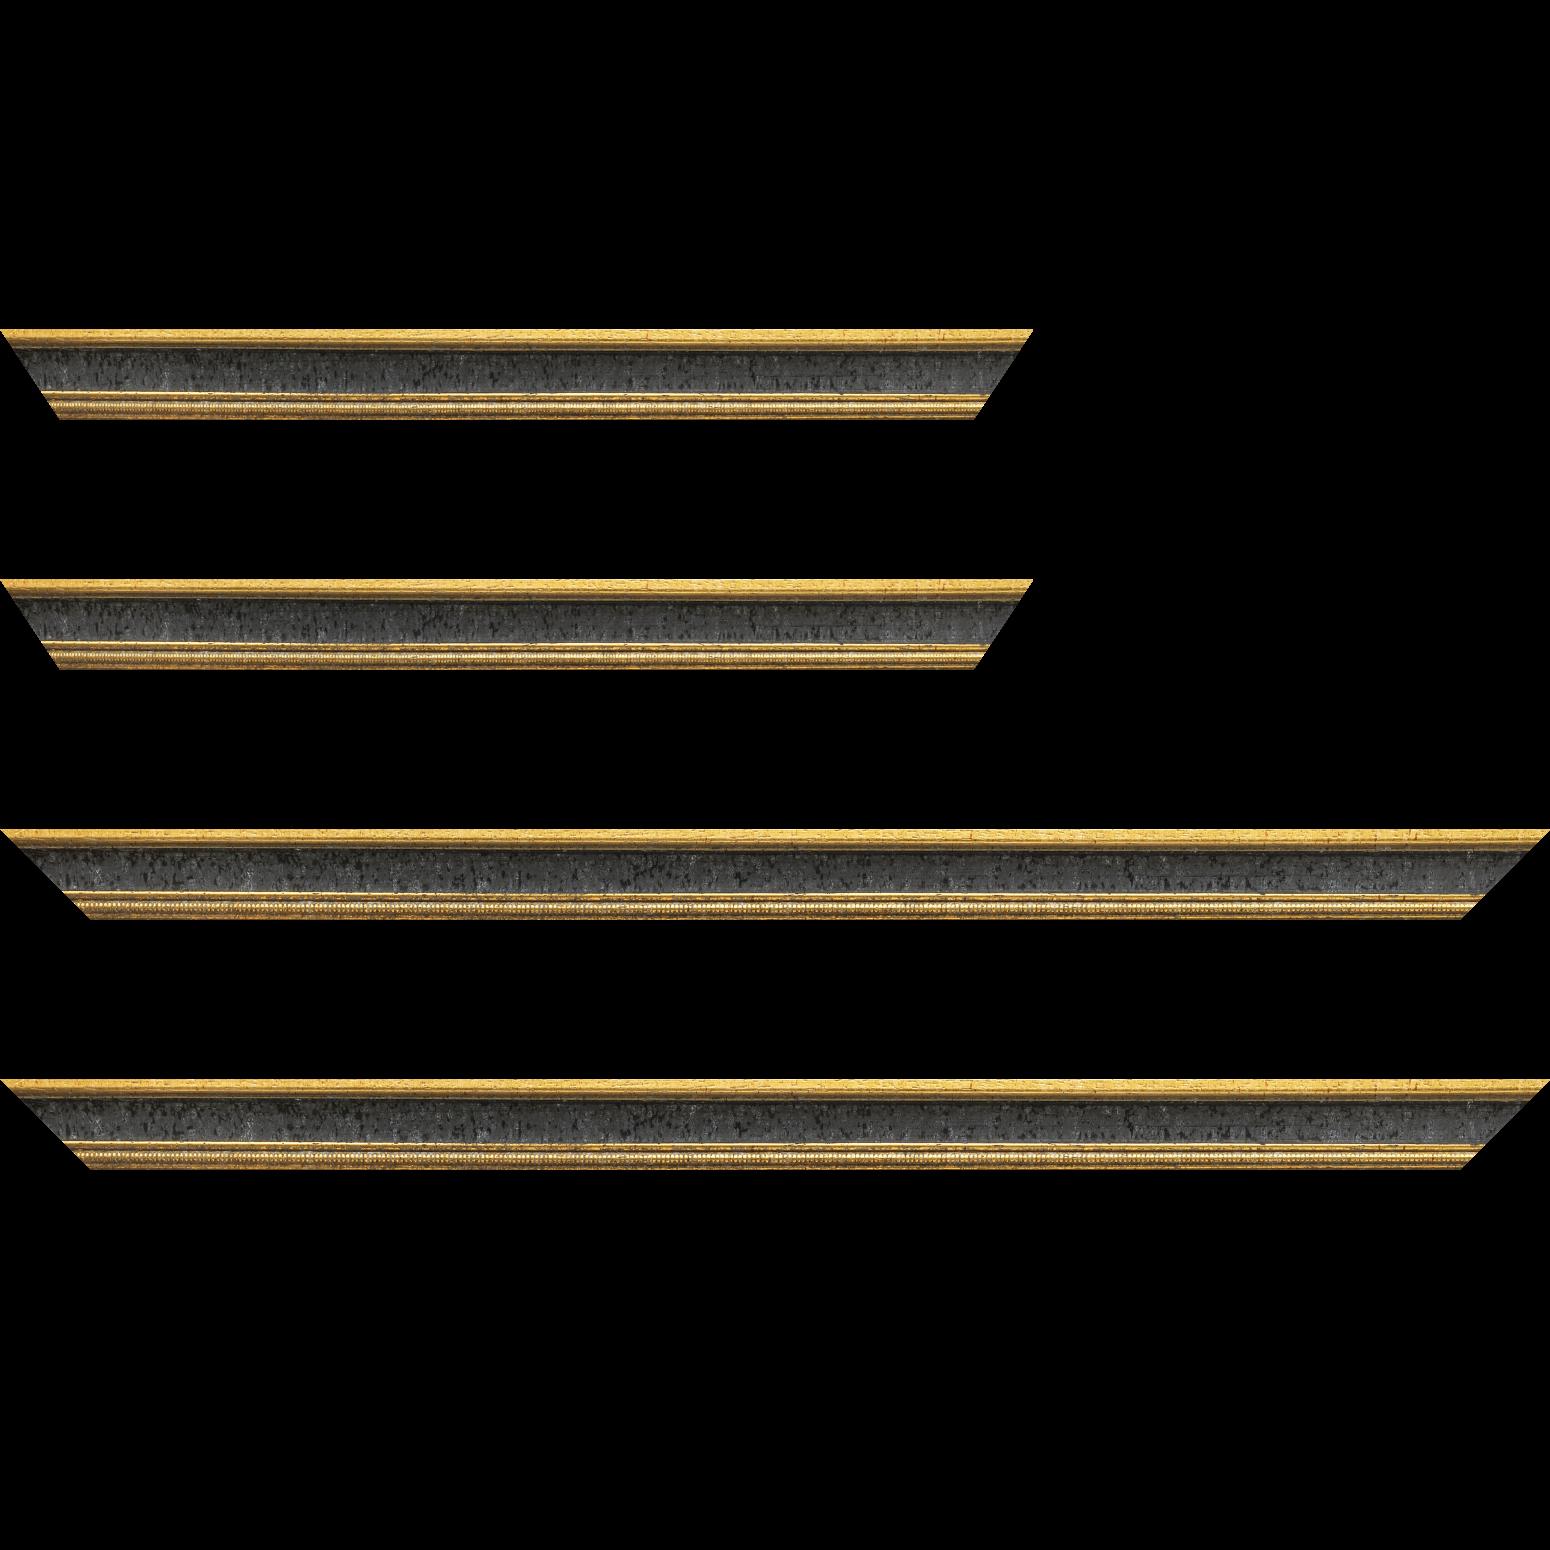 Baguette service précoupé Bois profil incuvé largeur 2.4cm  or antique gorge noir filet perle or